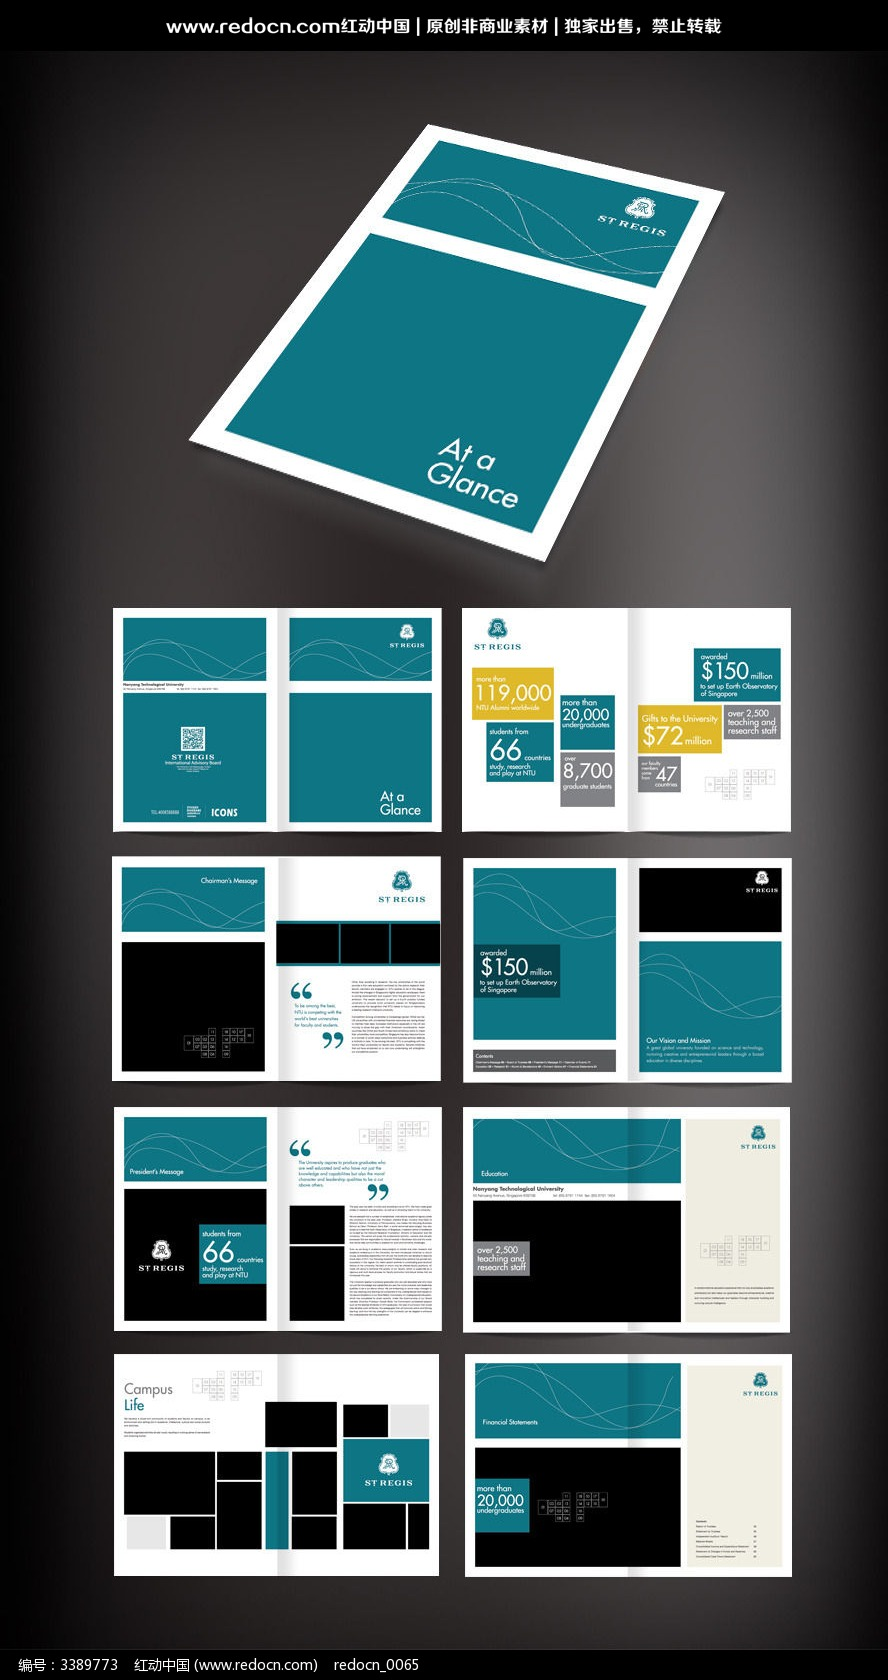 简约公司宣传册排版设计图片